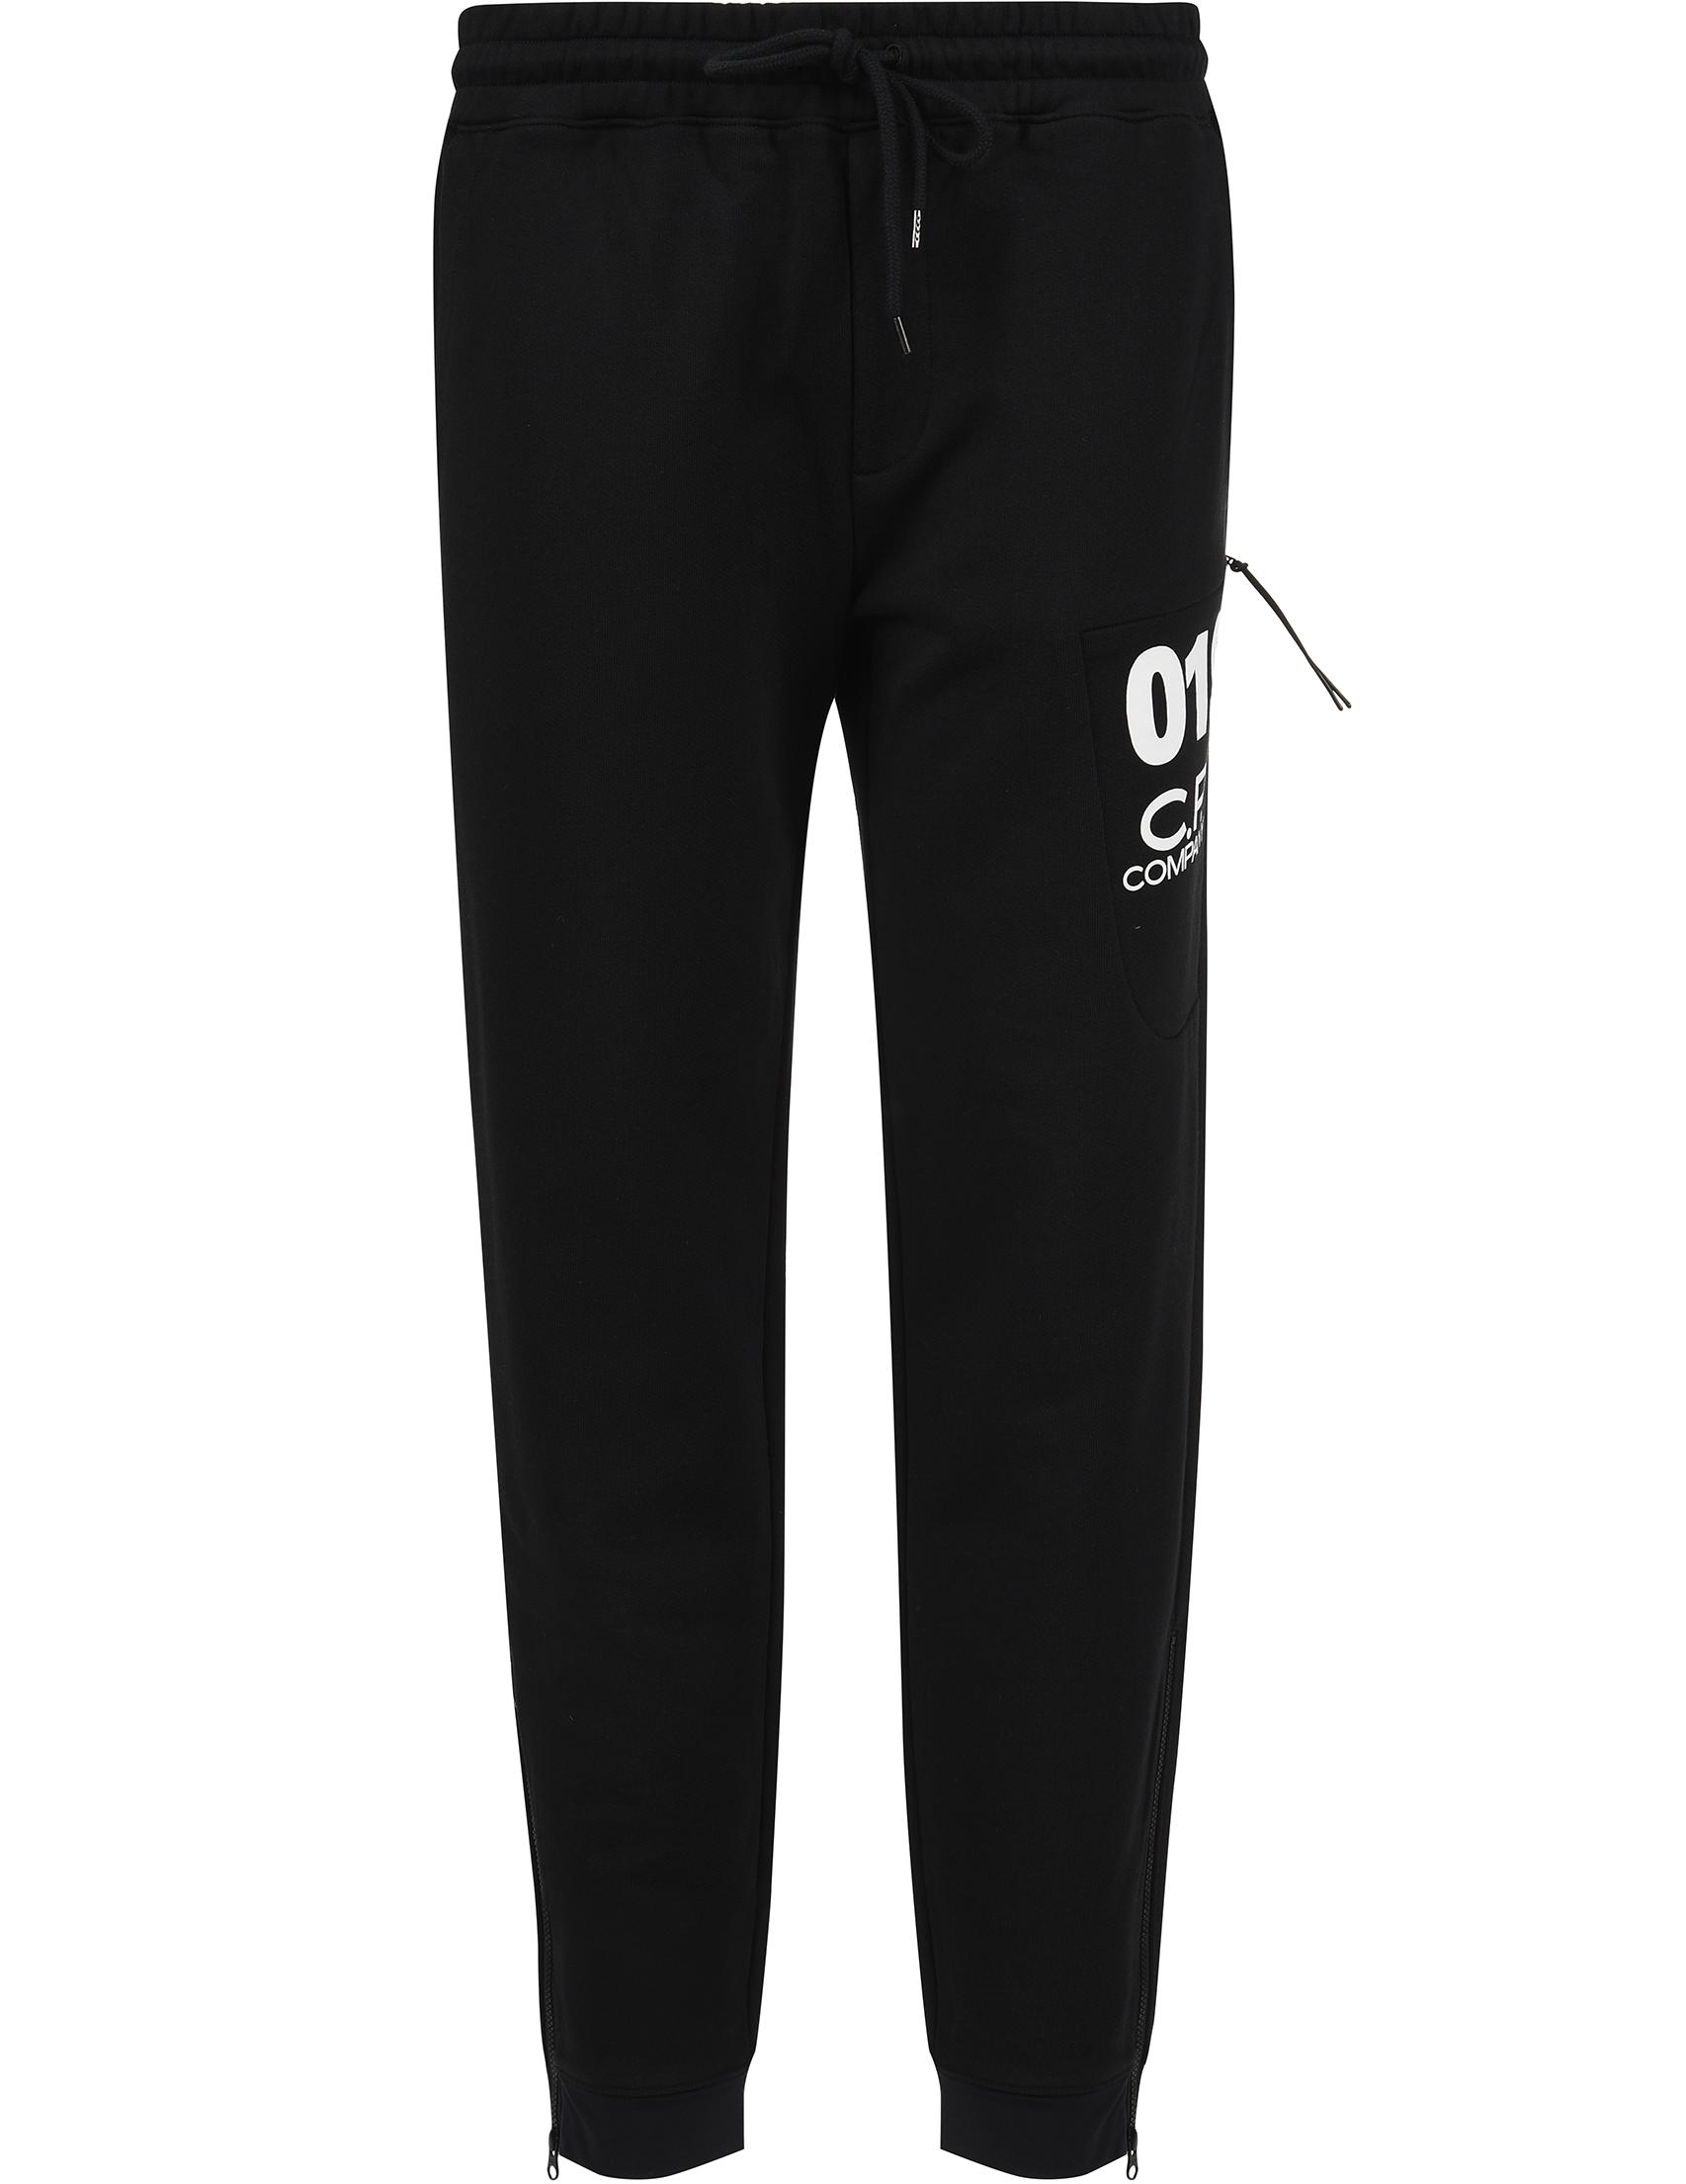 Купить Спортивные брюки, C.P. COMPANY, Черный, 100%Хлопок, Весна-Лето